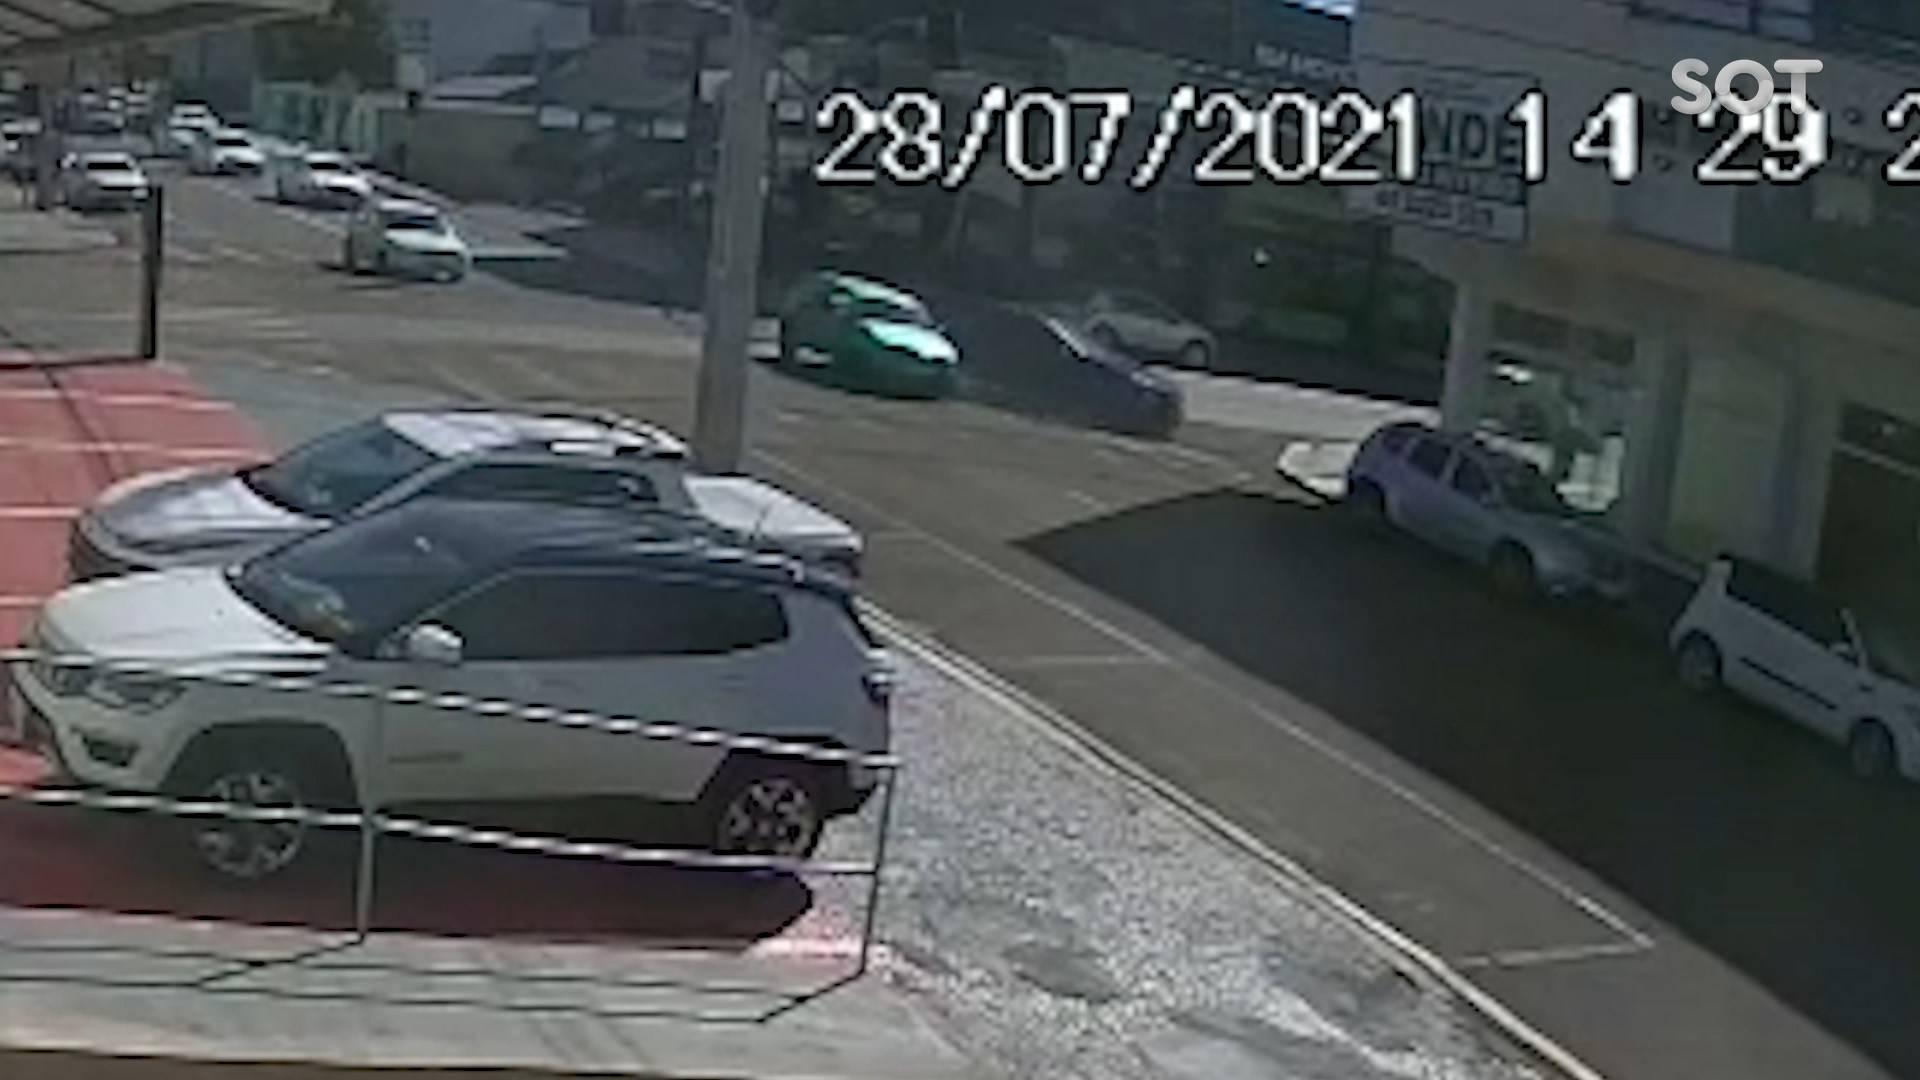 Câmera de segurança registra colisão de trânsito na Rua Barão do Cerro Azul